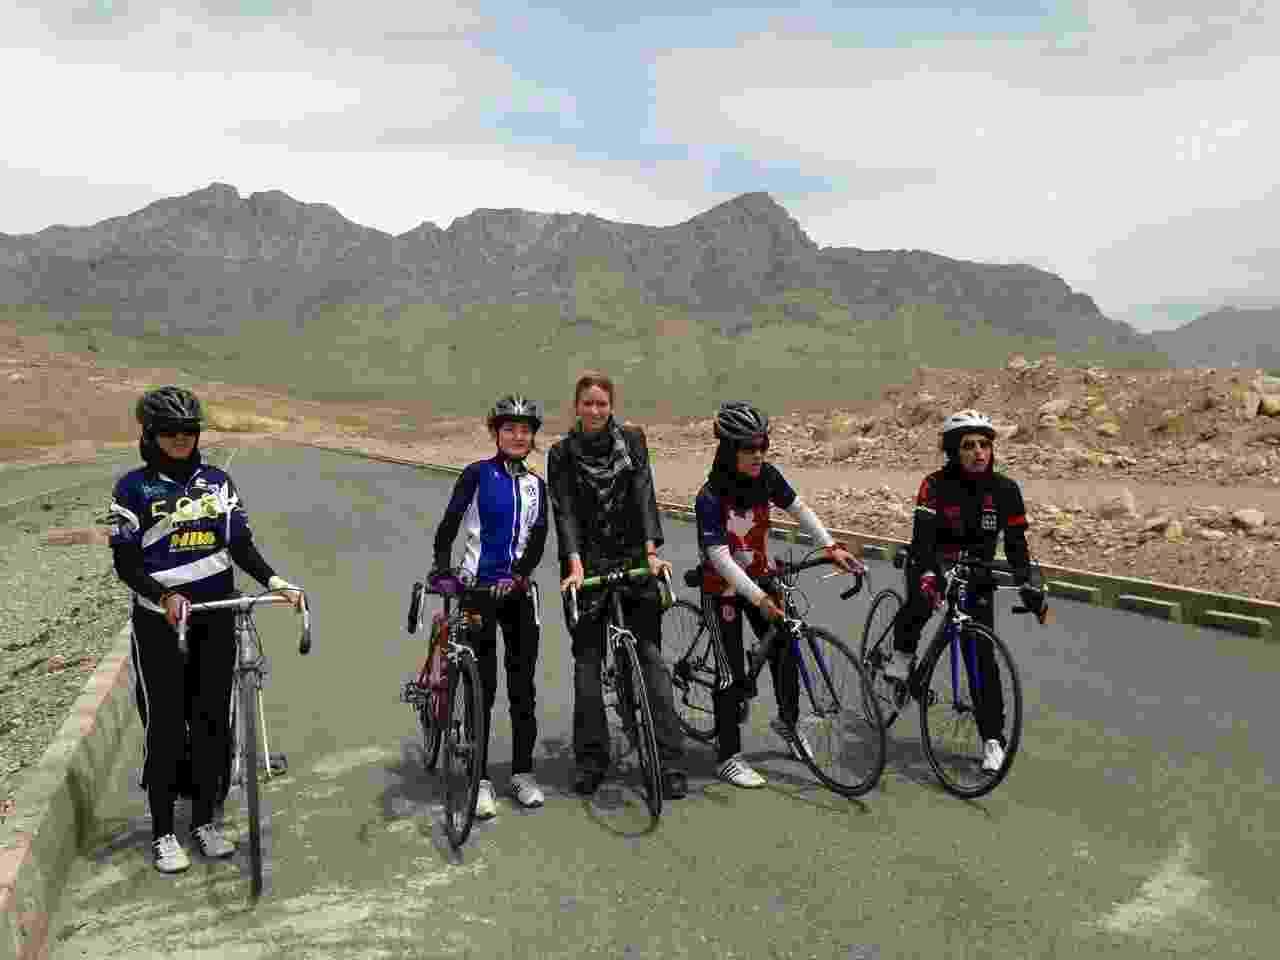 25.jun.2013 - Shannon Galpin (centro) é a idealizadora do projeto Mountain2mountain, que quebra barreiras culturais e ensina o ciclismo para mulheres no Afeganistão - Sarah Menzies/Divulgação